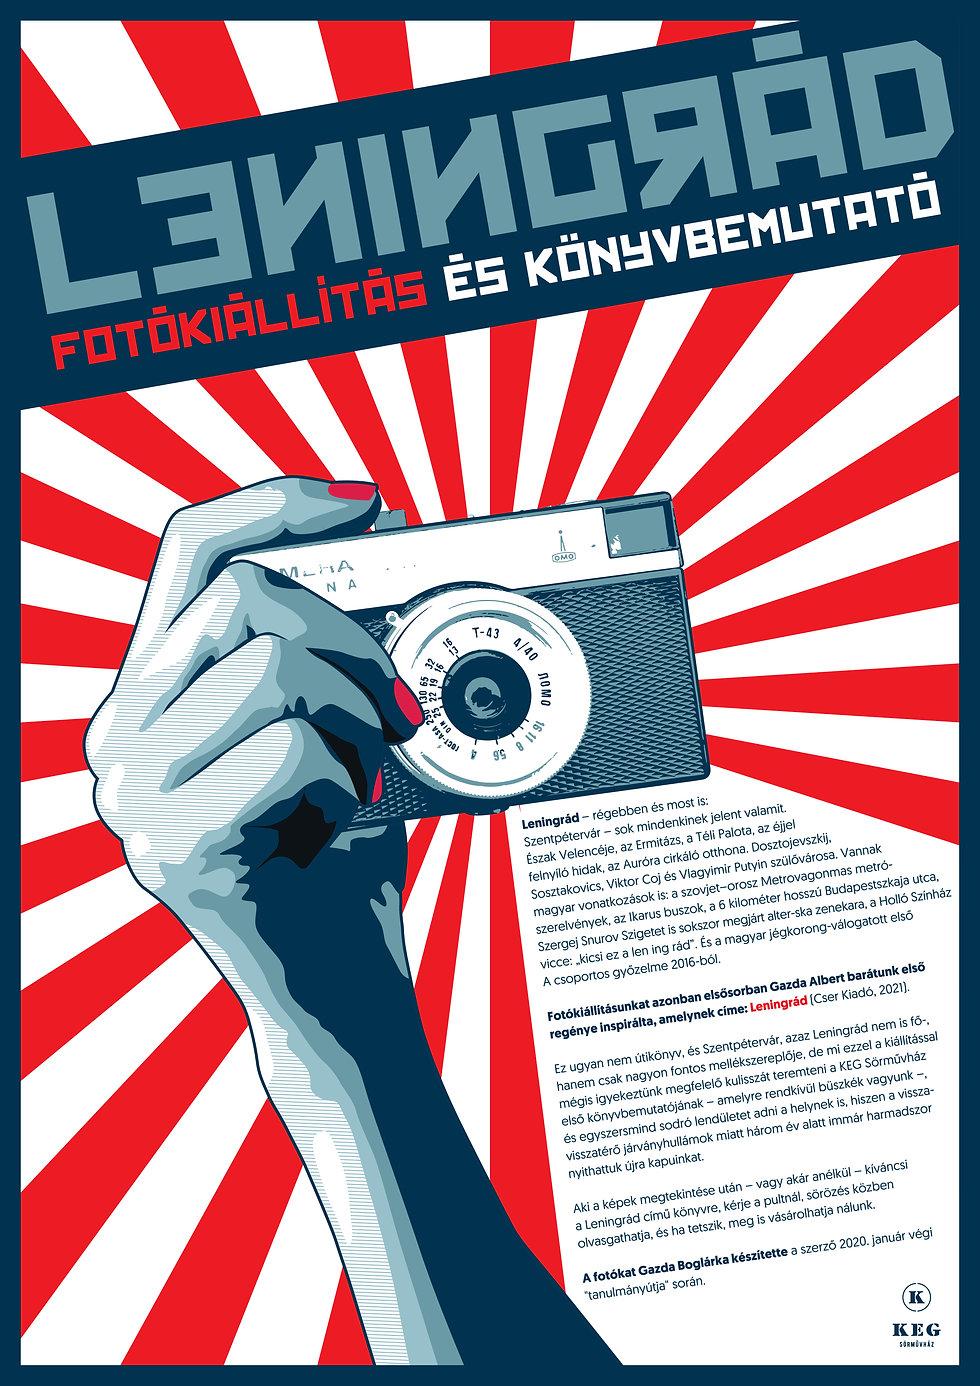 leningrad_poster-01.jpg